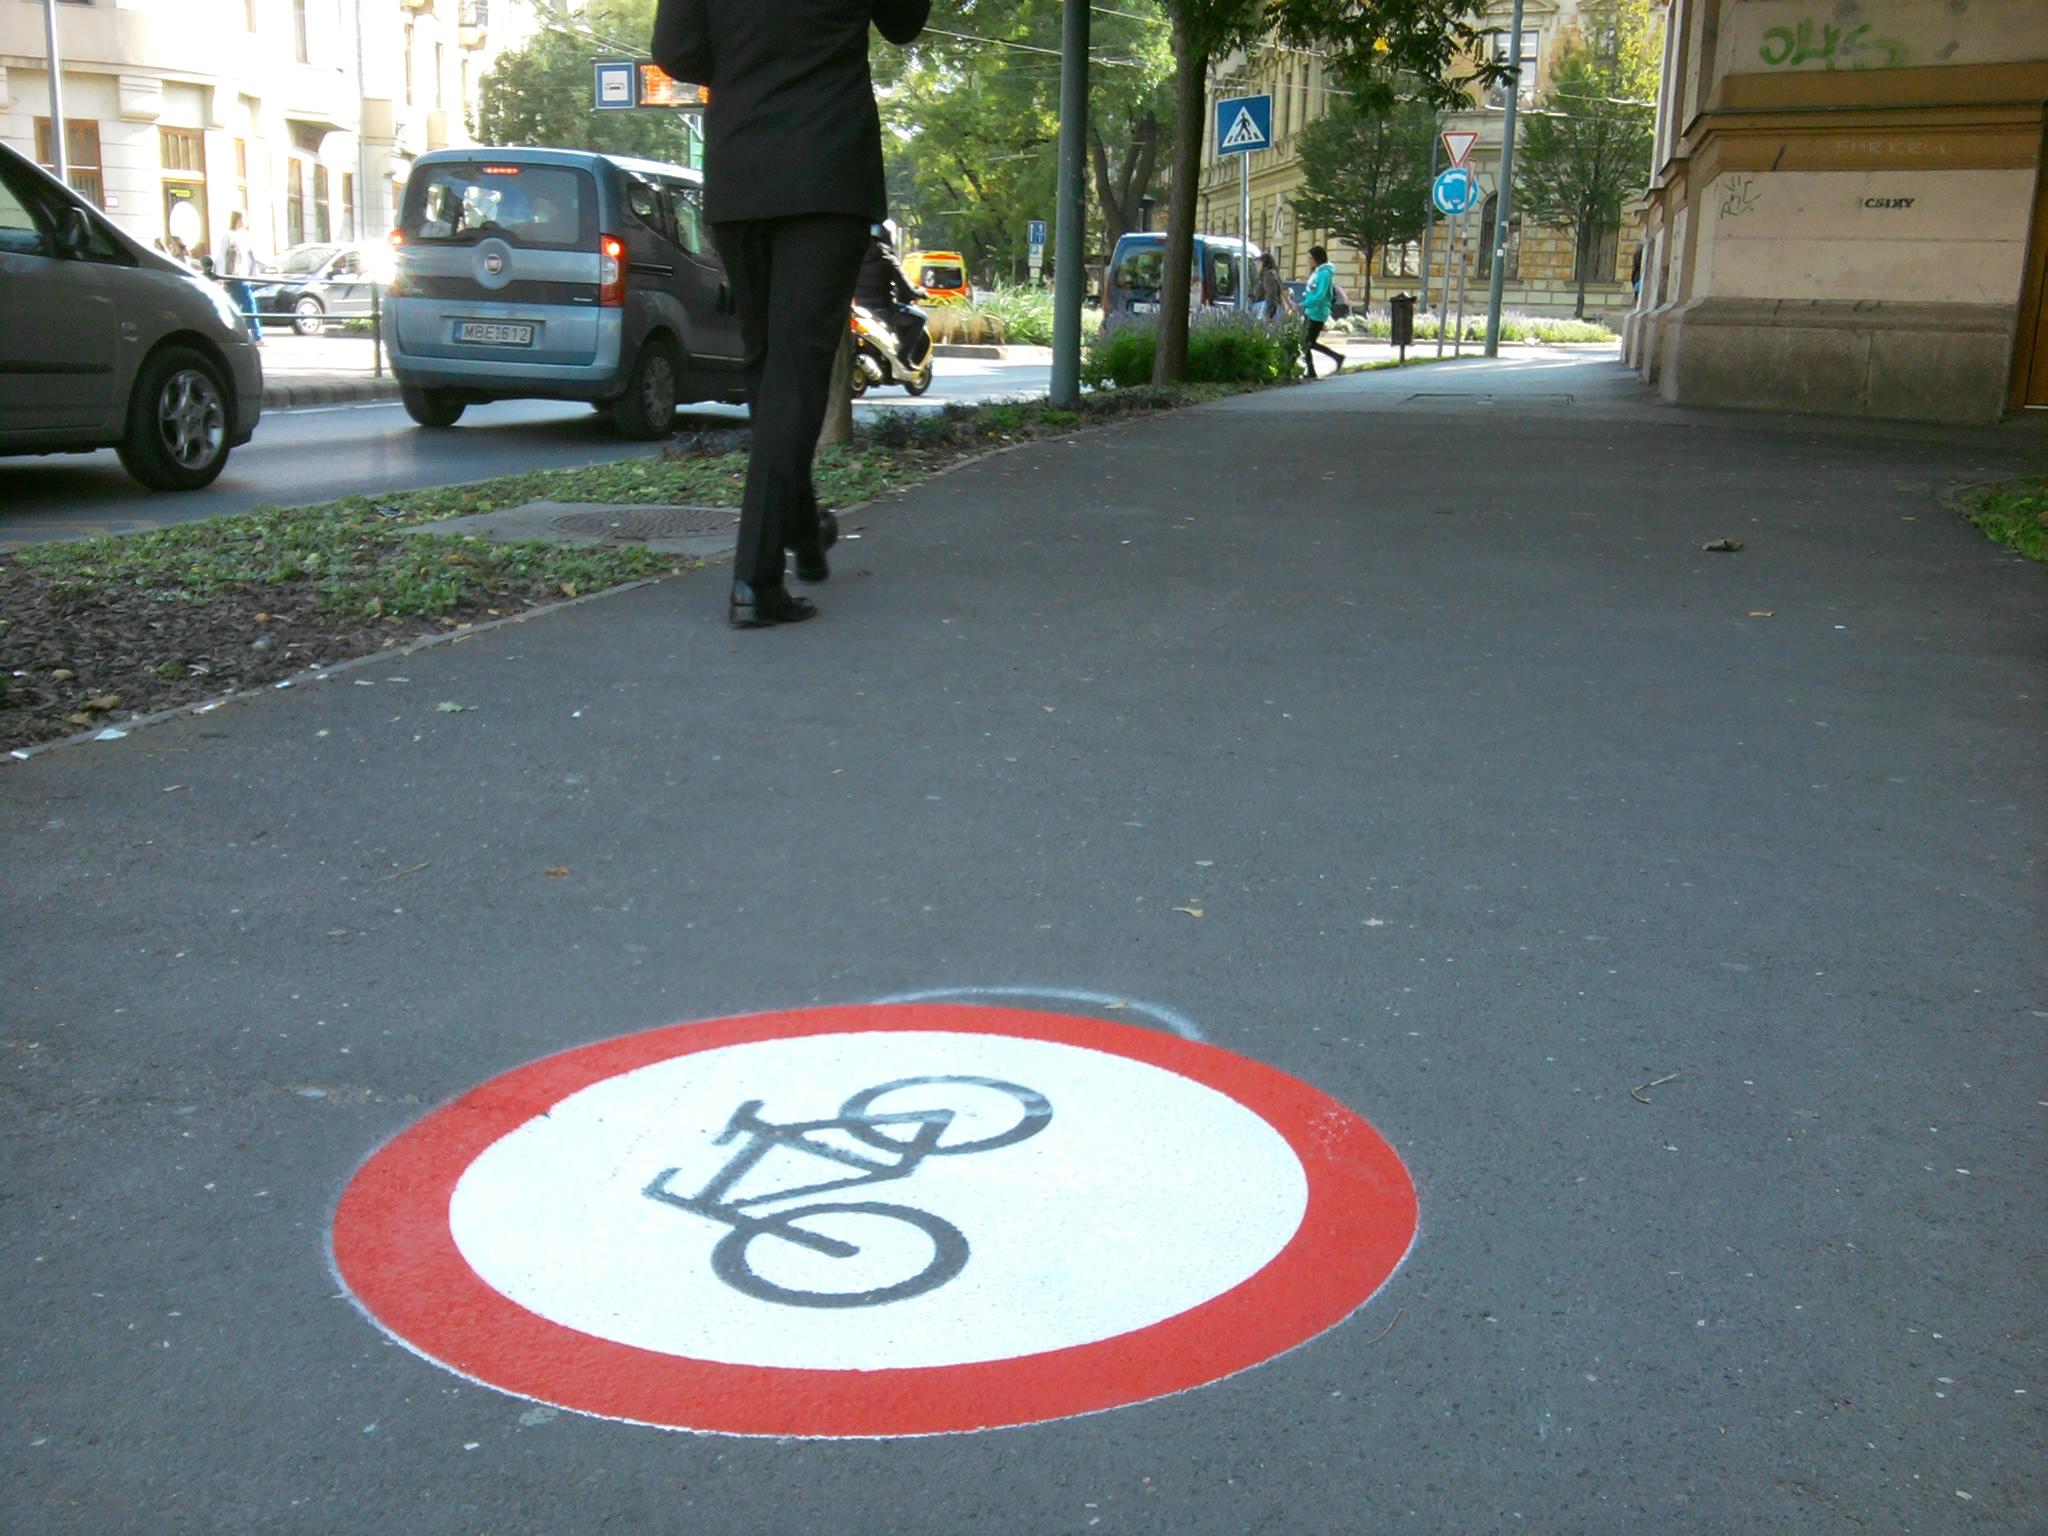 A Dugonics téren úgy gondolták, hogy egy KRESZ táblát végigfestenek a járdán, hátha akkor nem bicikliznek ott az emberek. Igaz, hogy ez semmilyen előírásnak nem felel meg, de legalább azt sugallja, hogy ahol nincs ilyen jelzés, ott szabad a járdán biciklizni. Pedig ez nem igaz, ott sem szabad.